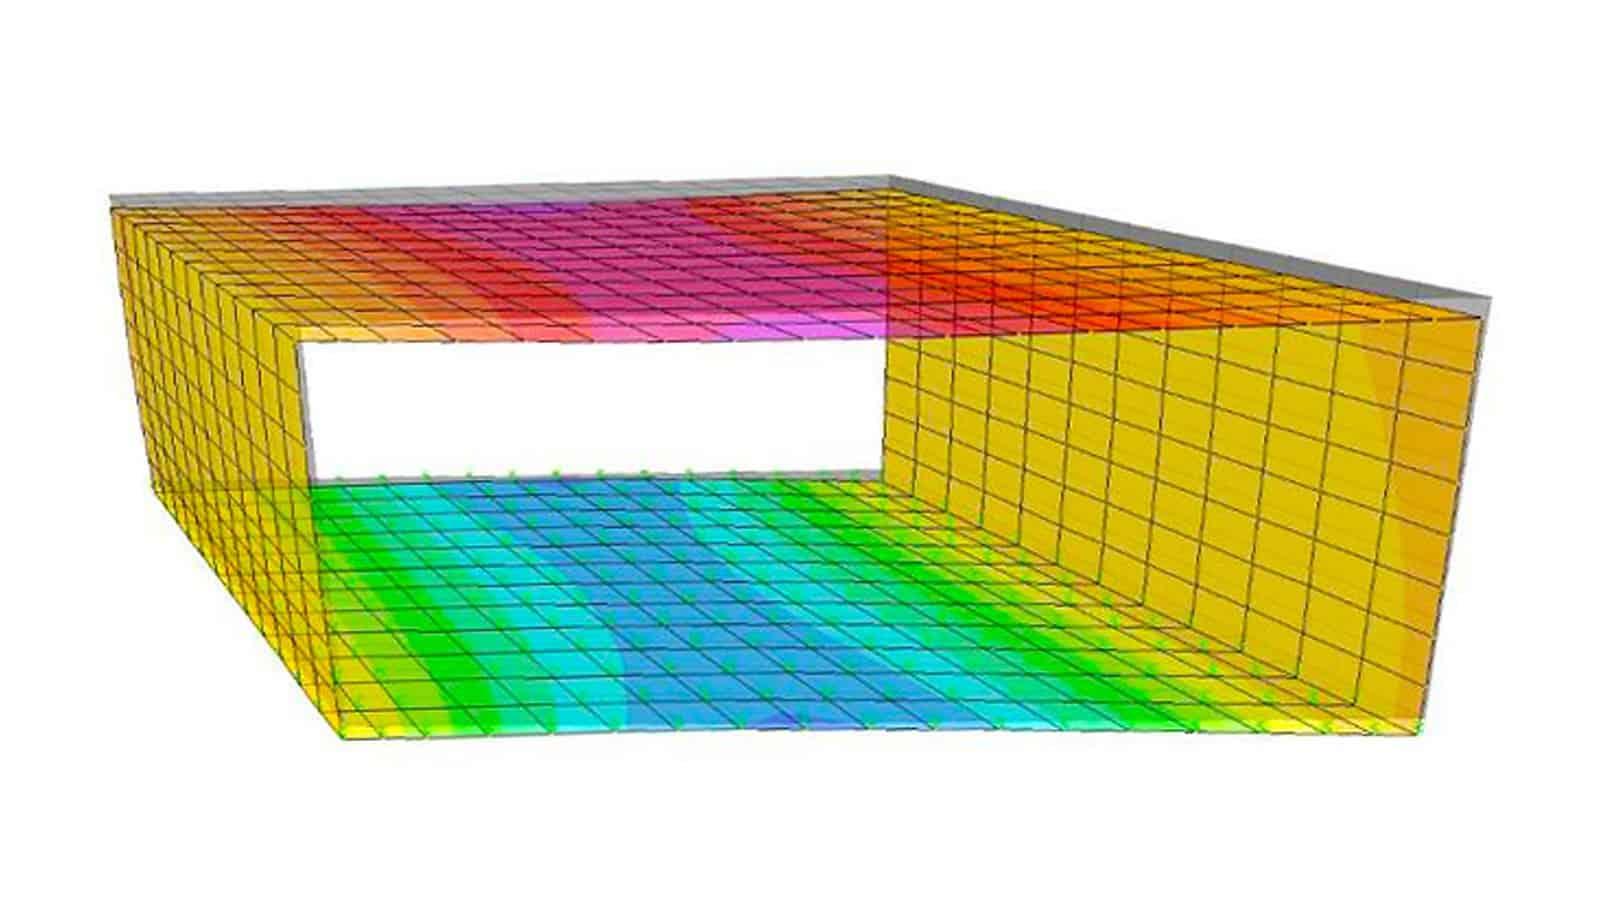 L'analisi strutturale della struttura monolitica tridimensionale